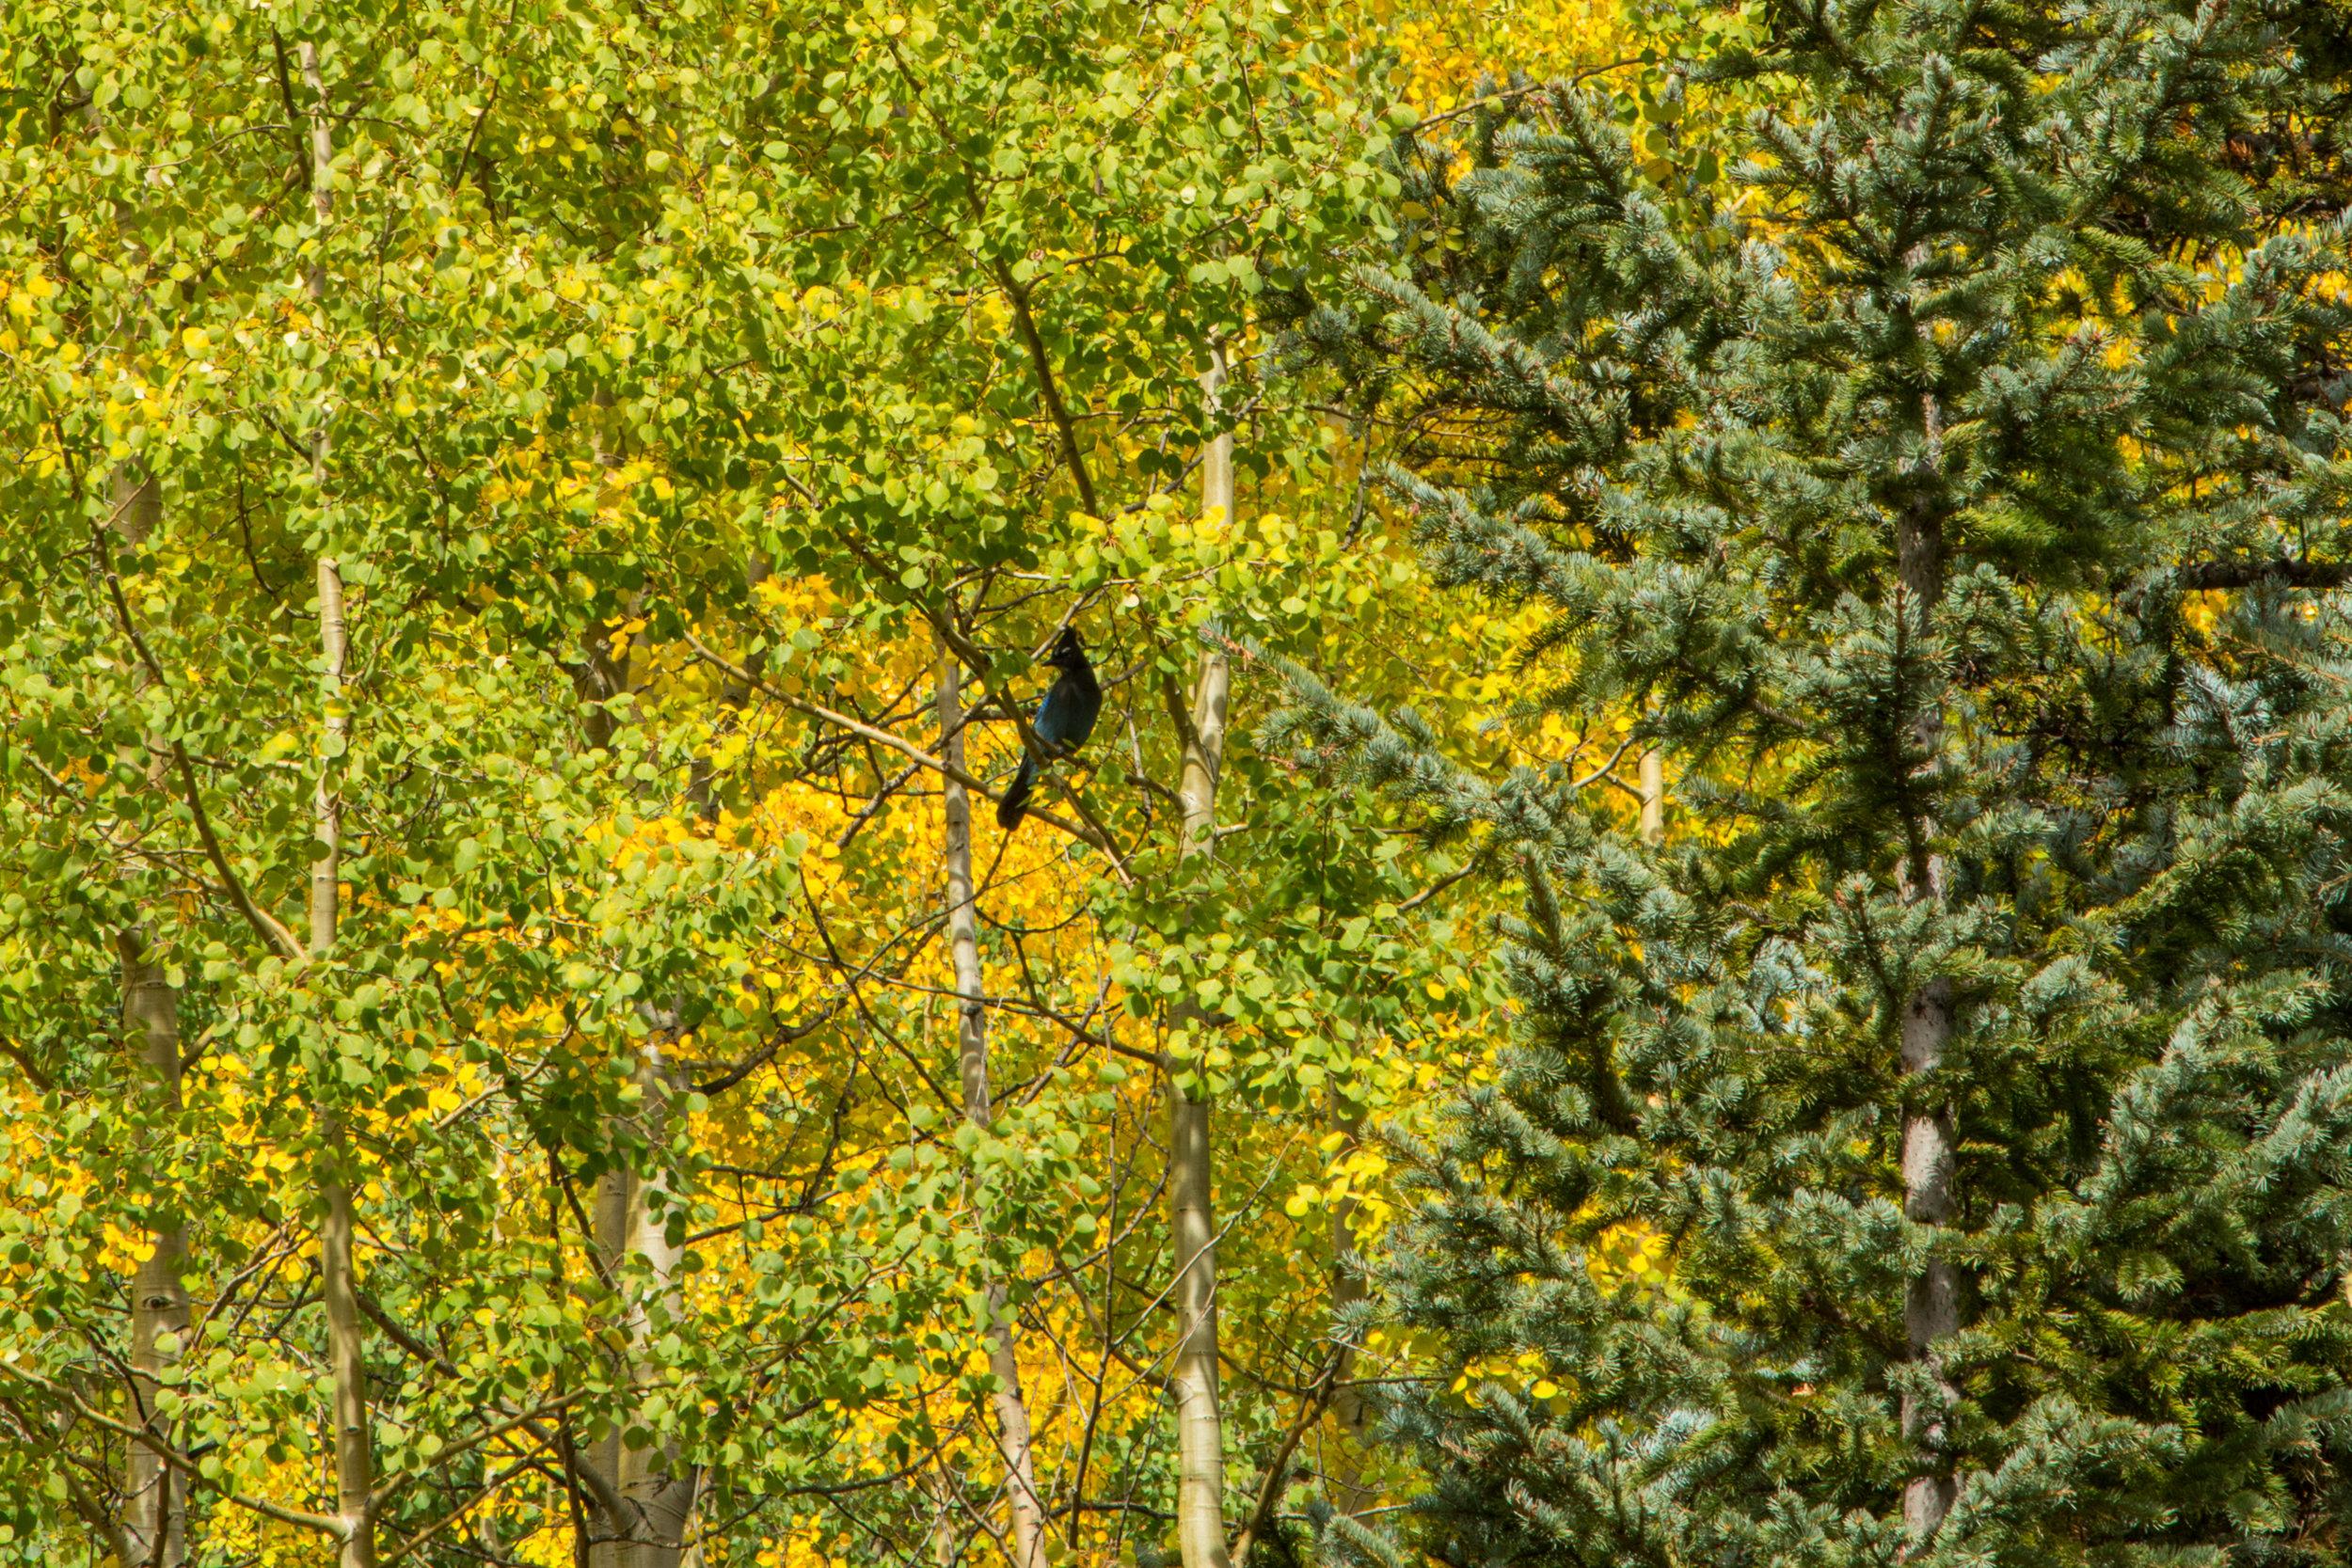 Silverton, Colorado, Image # 9909